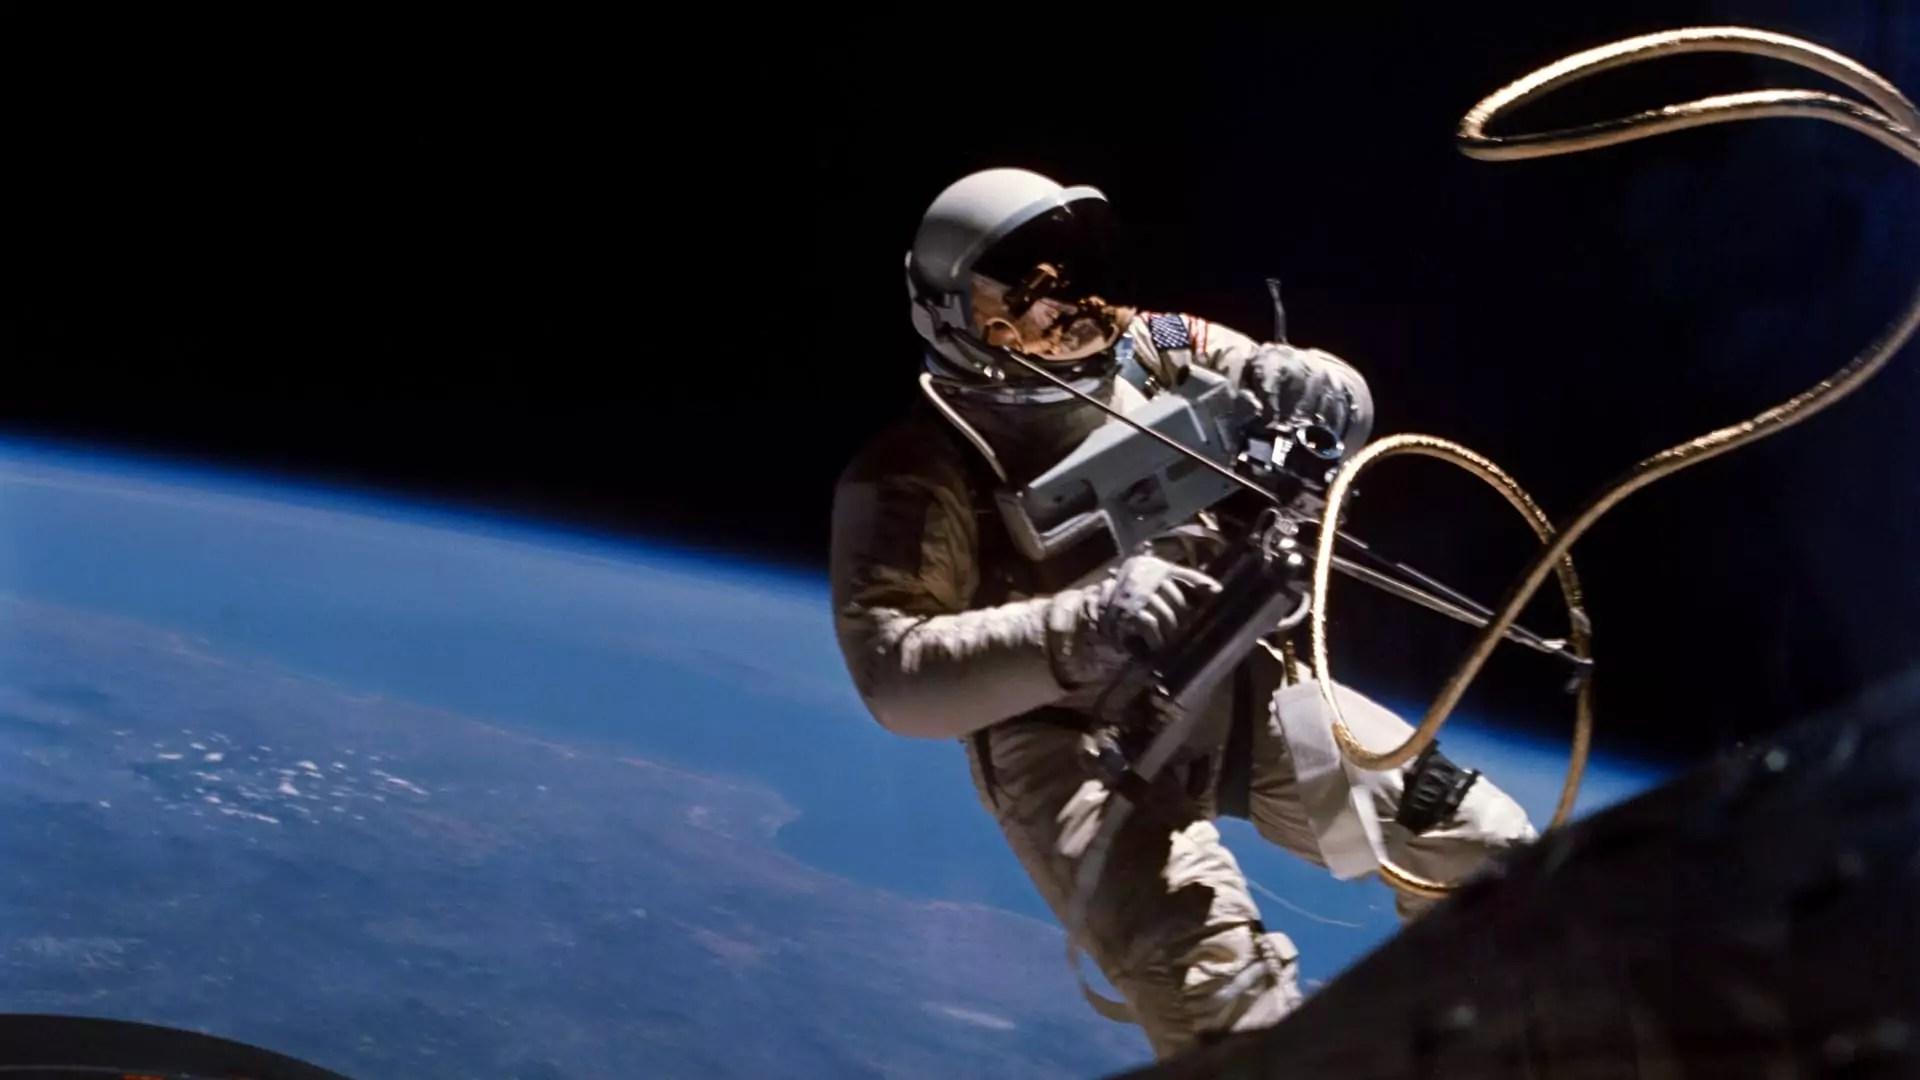 An astronaut performs a spacewalk.